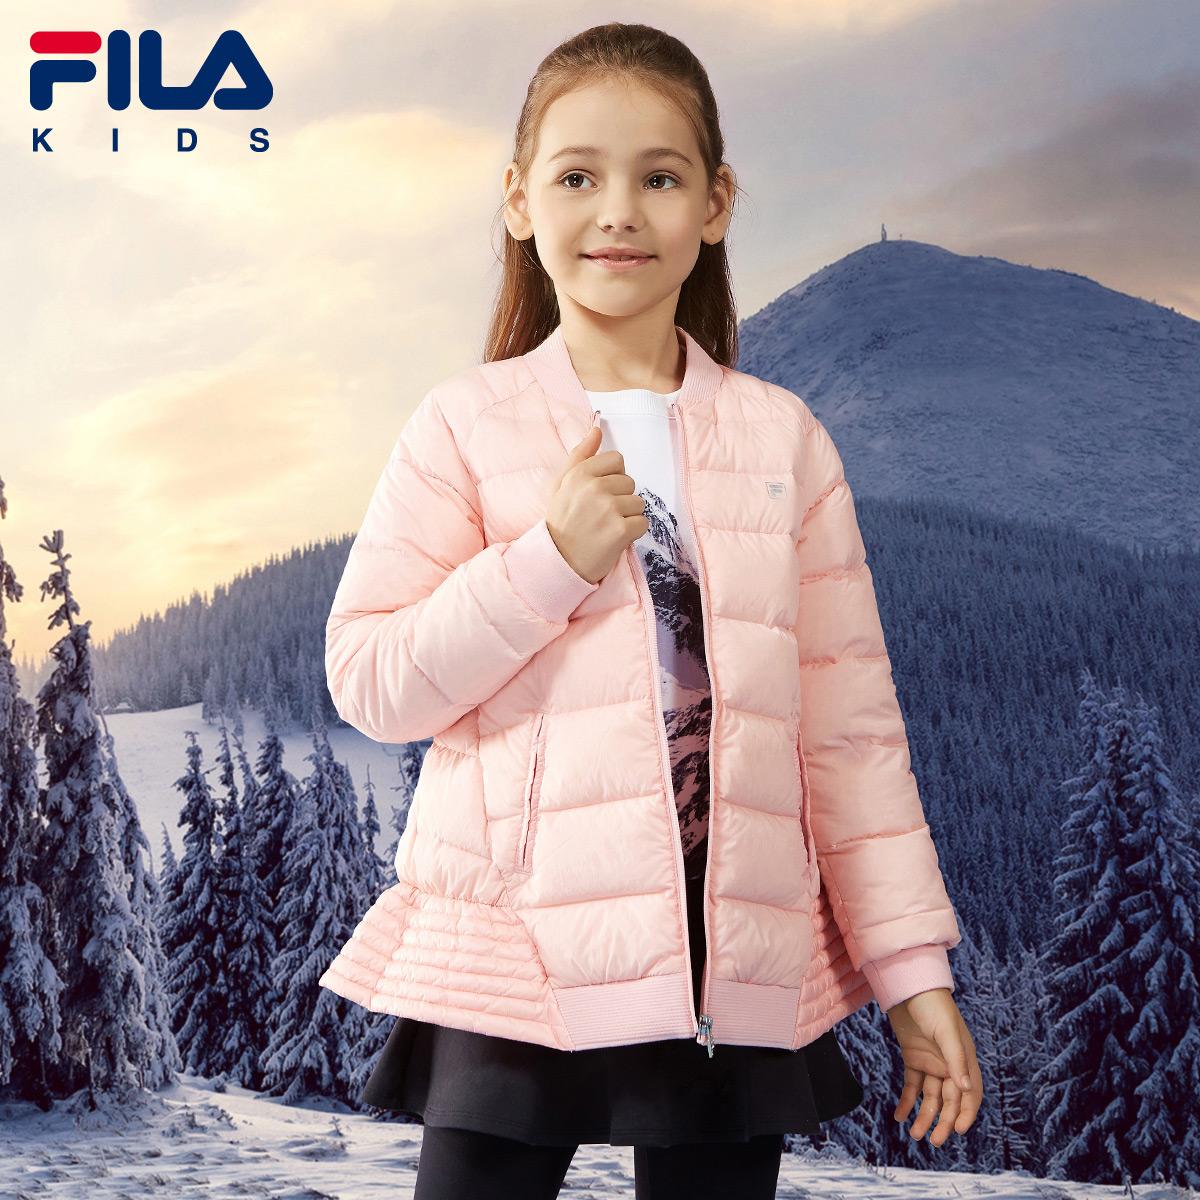 FILA斐乐童装女童羽绒服加厚白鸭绒保暖修身轻薄羽绒外套冬季新款